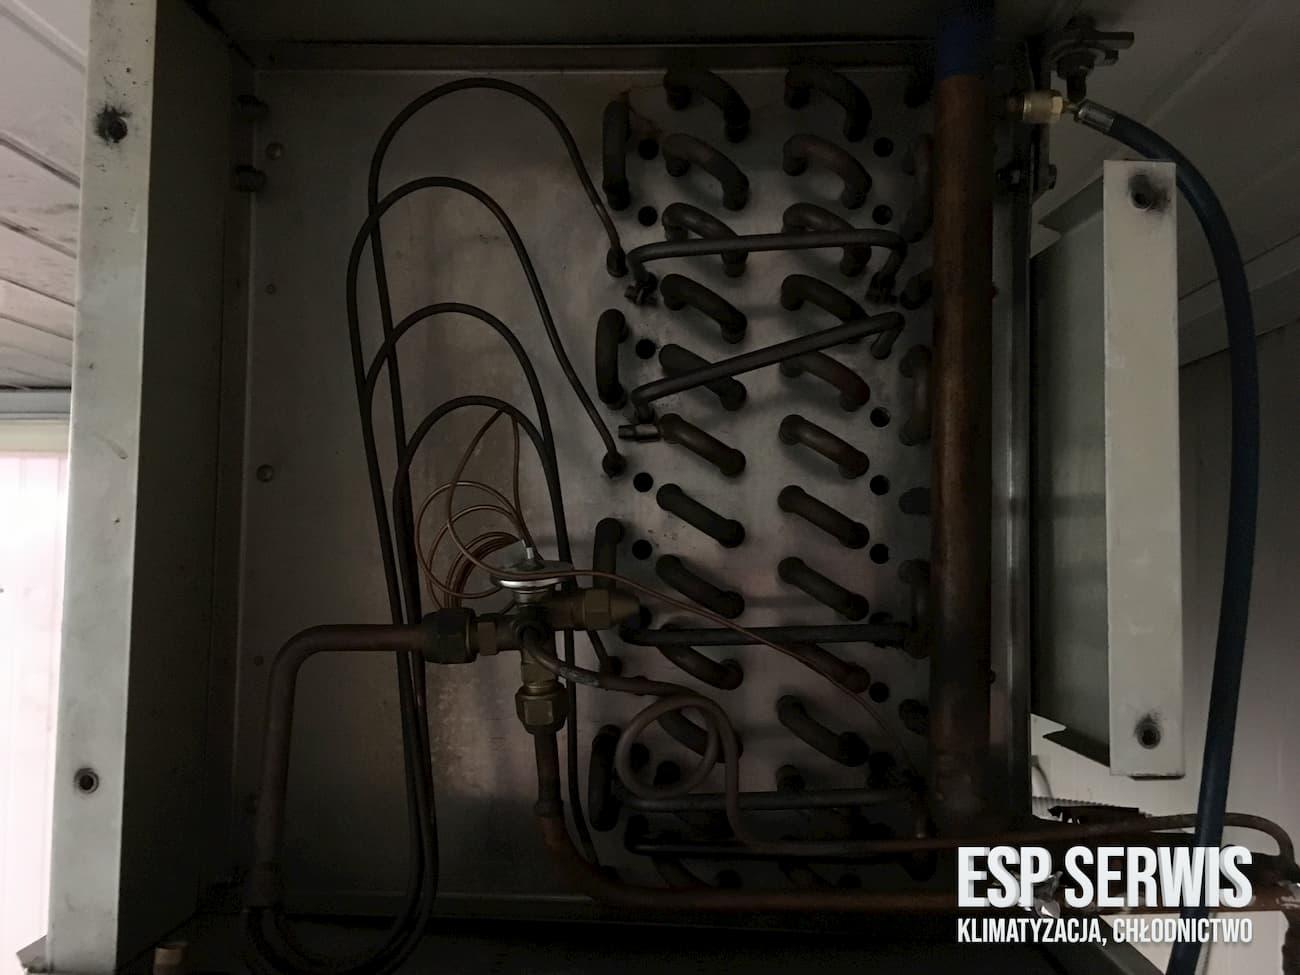 ESP Serwis klimatyzacja chłodnictwo Warszawa